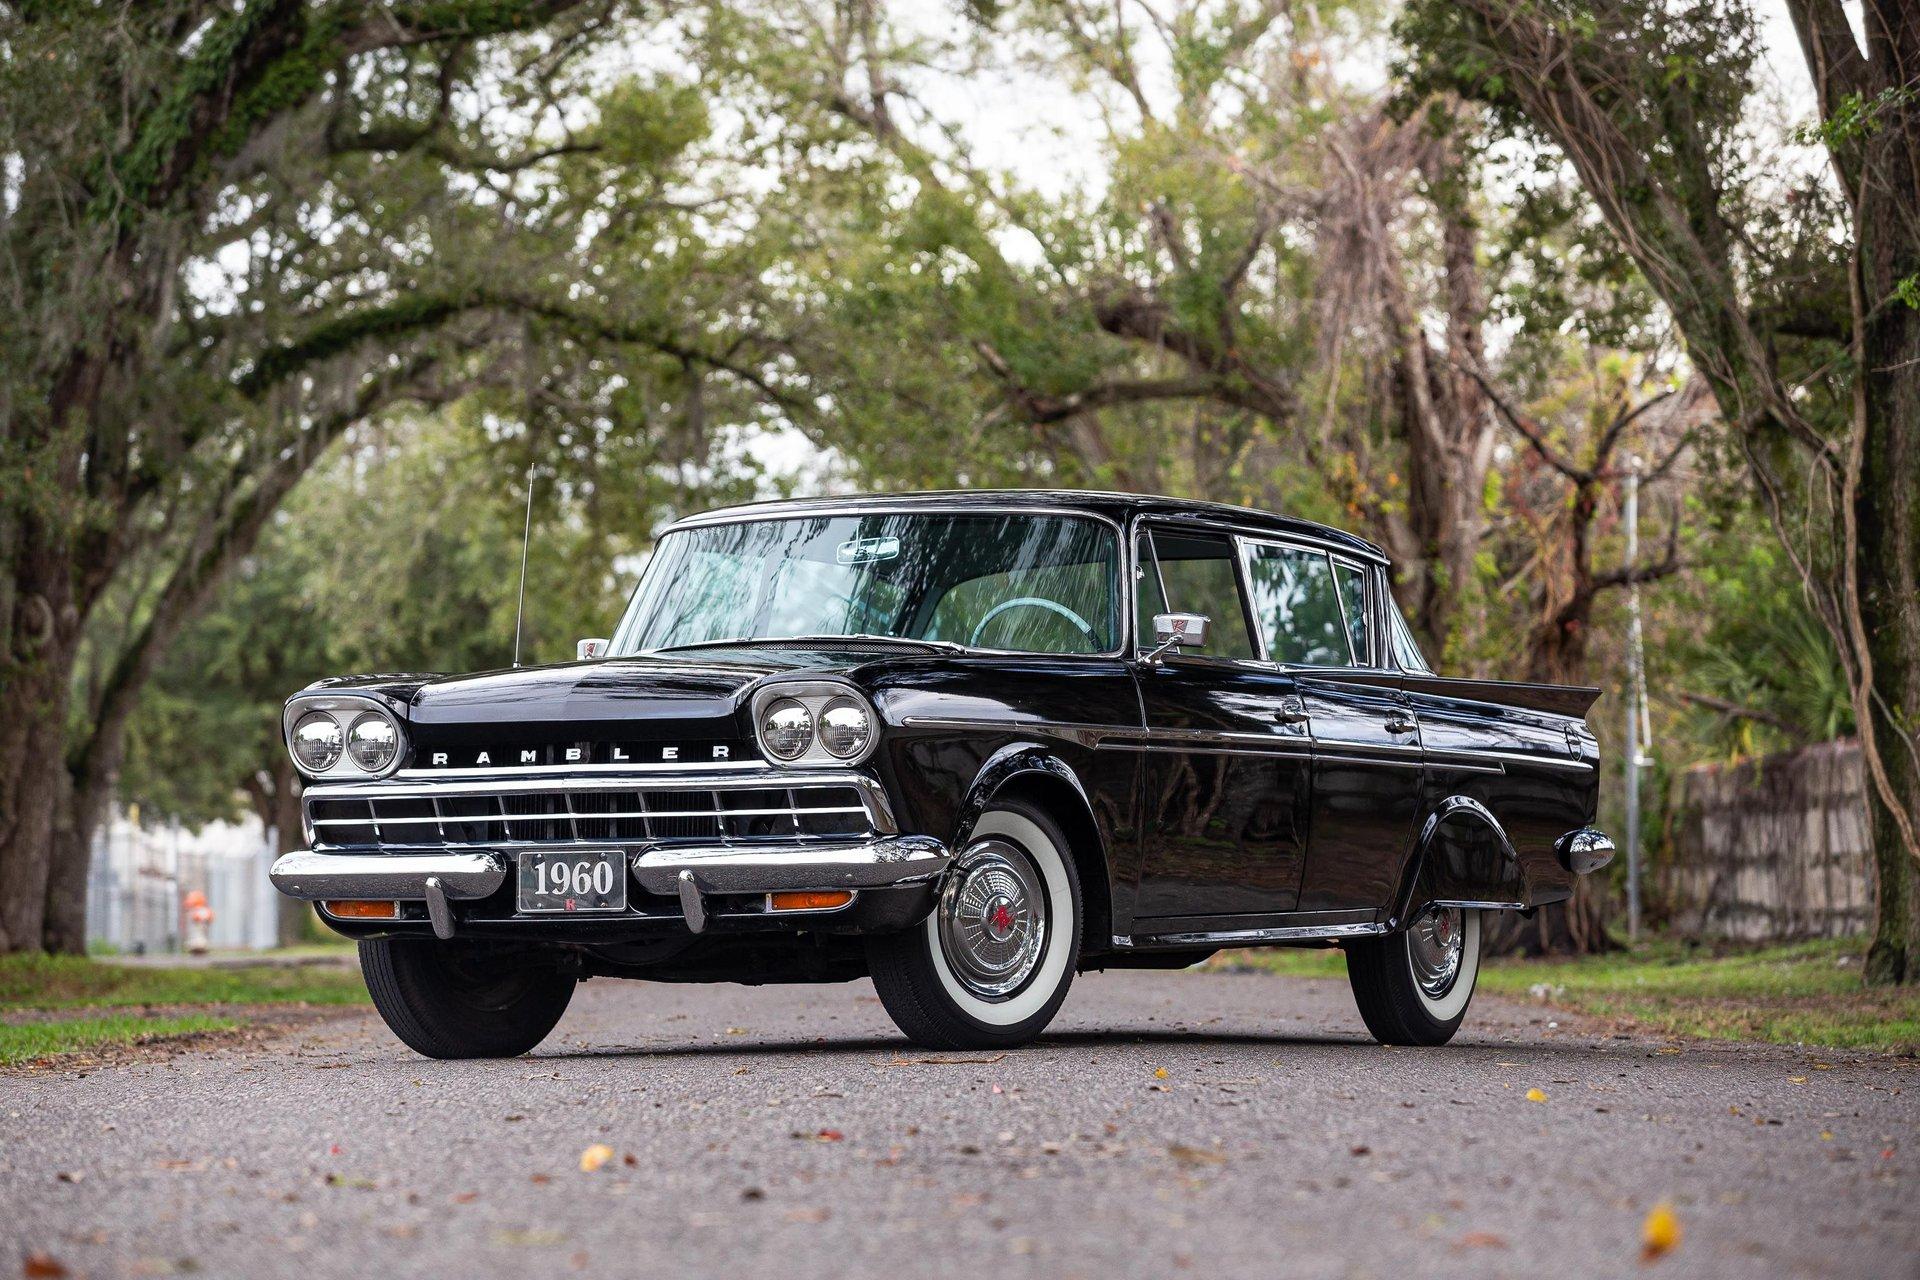 1960 Rambler Sedan